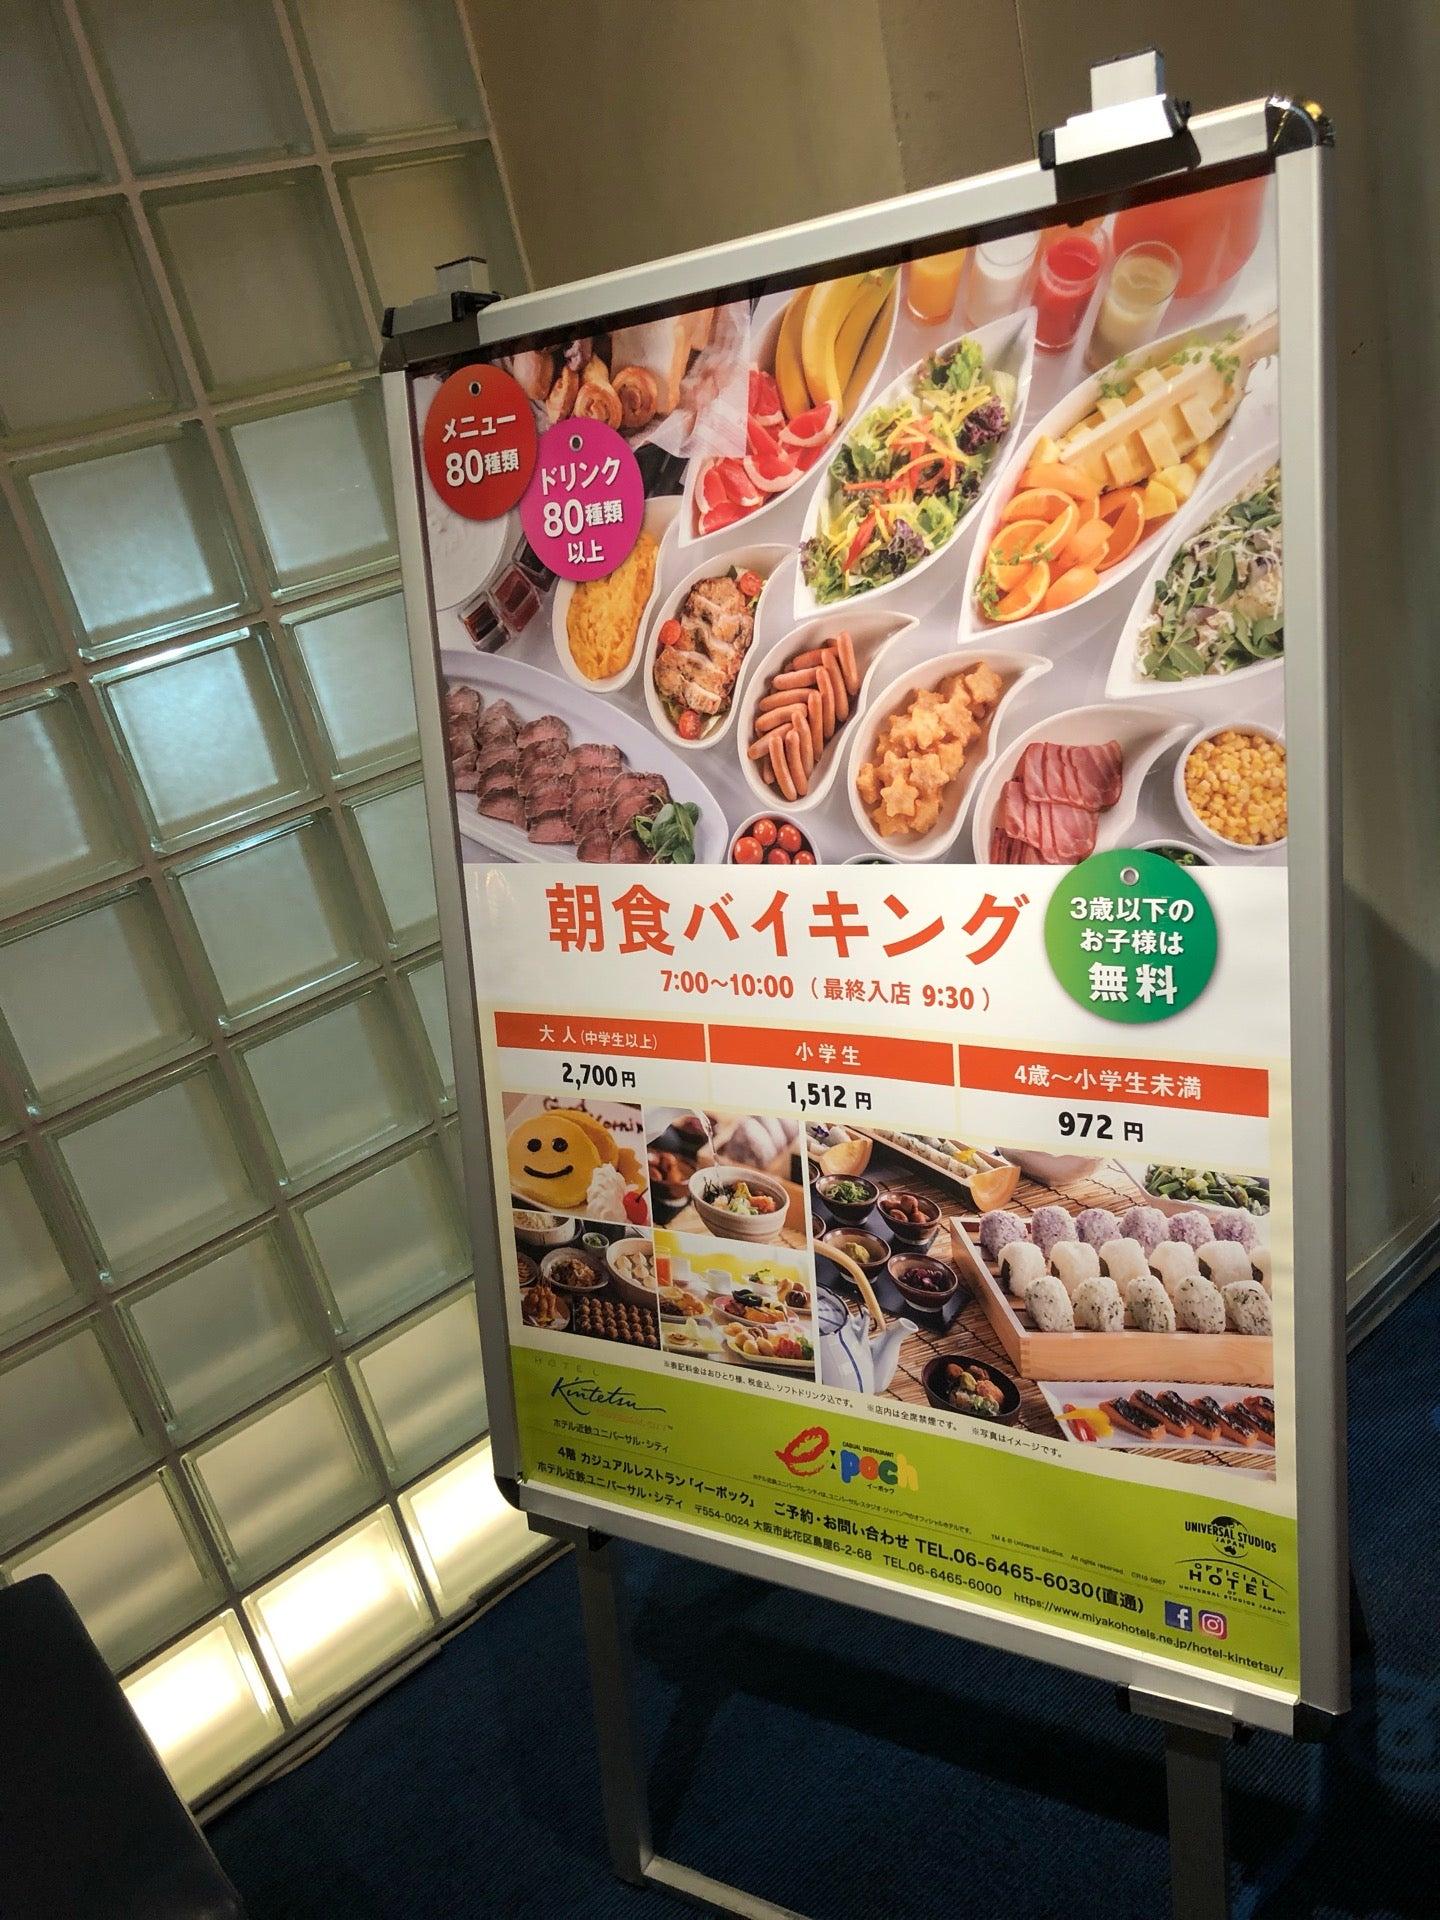 朝食バイキングへ (@ カジュアルレストラン イーポック in 大阪市, 大阪府) https://t.co/e9wZyaYHrn https://t.co/2YqfA10DCG